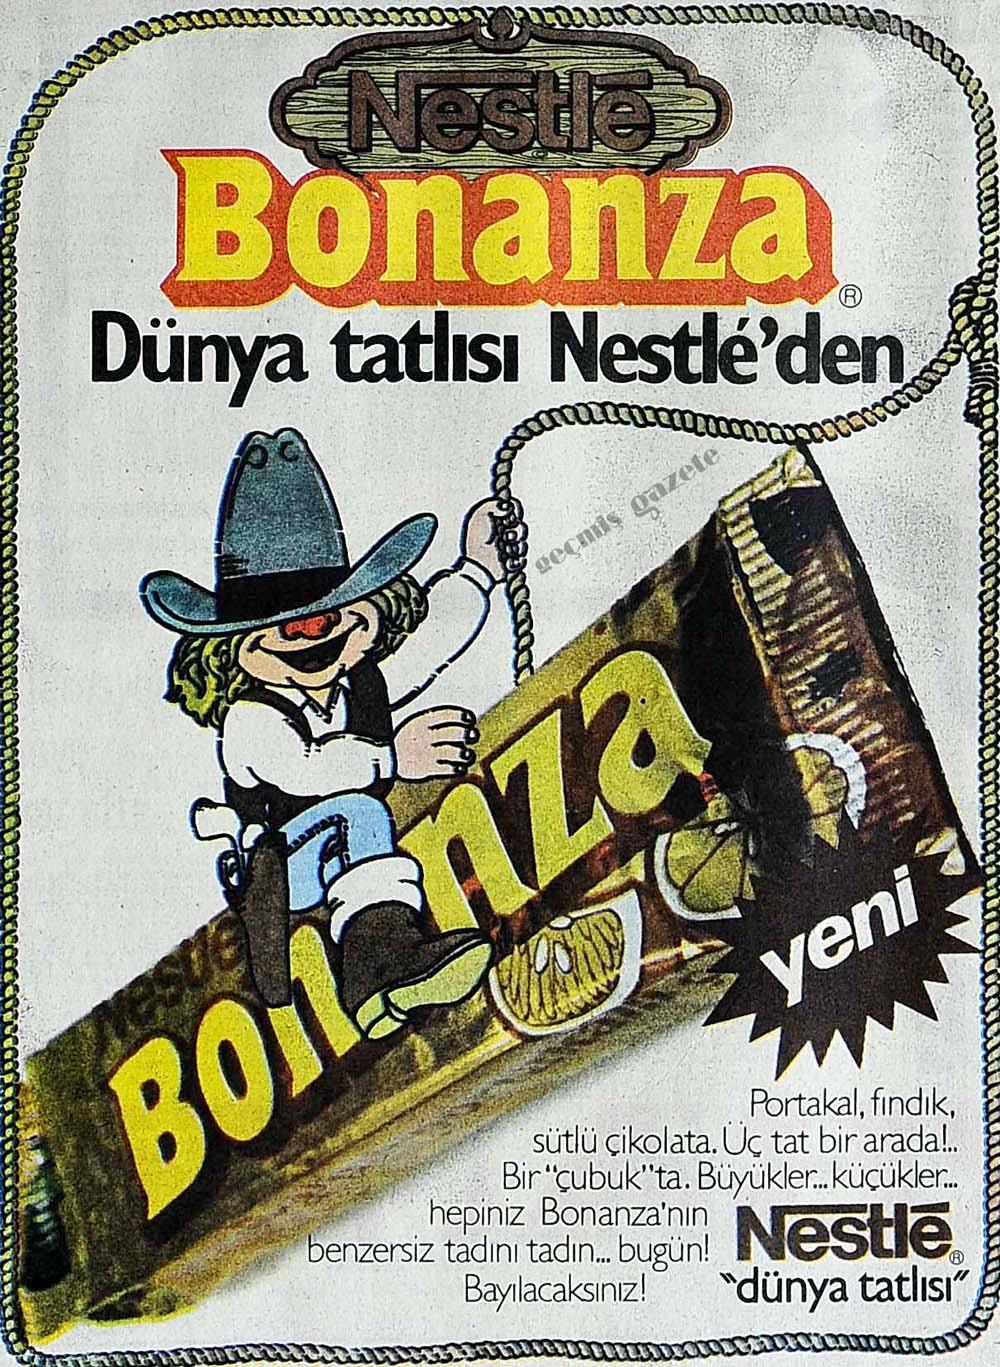 Nestle Bonanza Dünya tatlısı Nestle'den